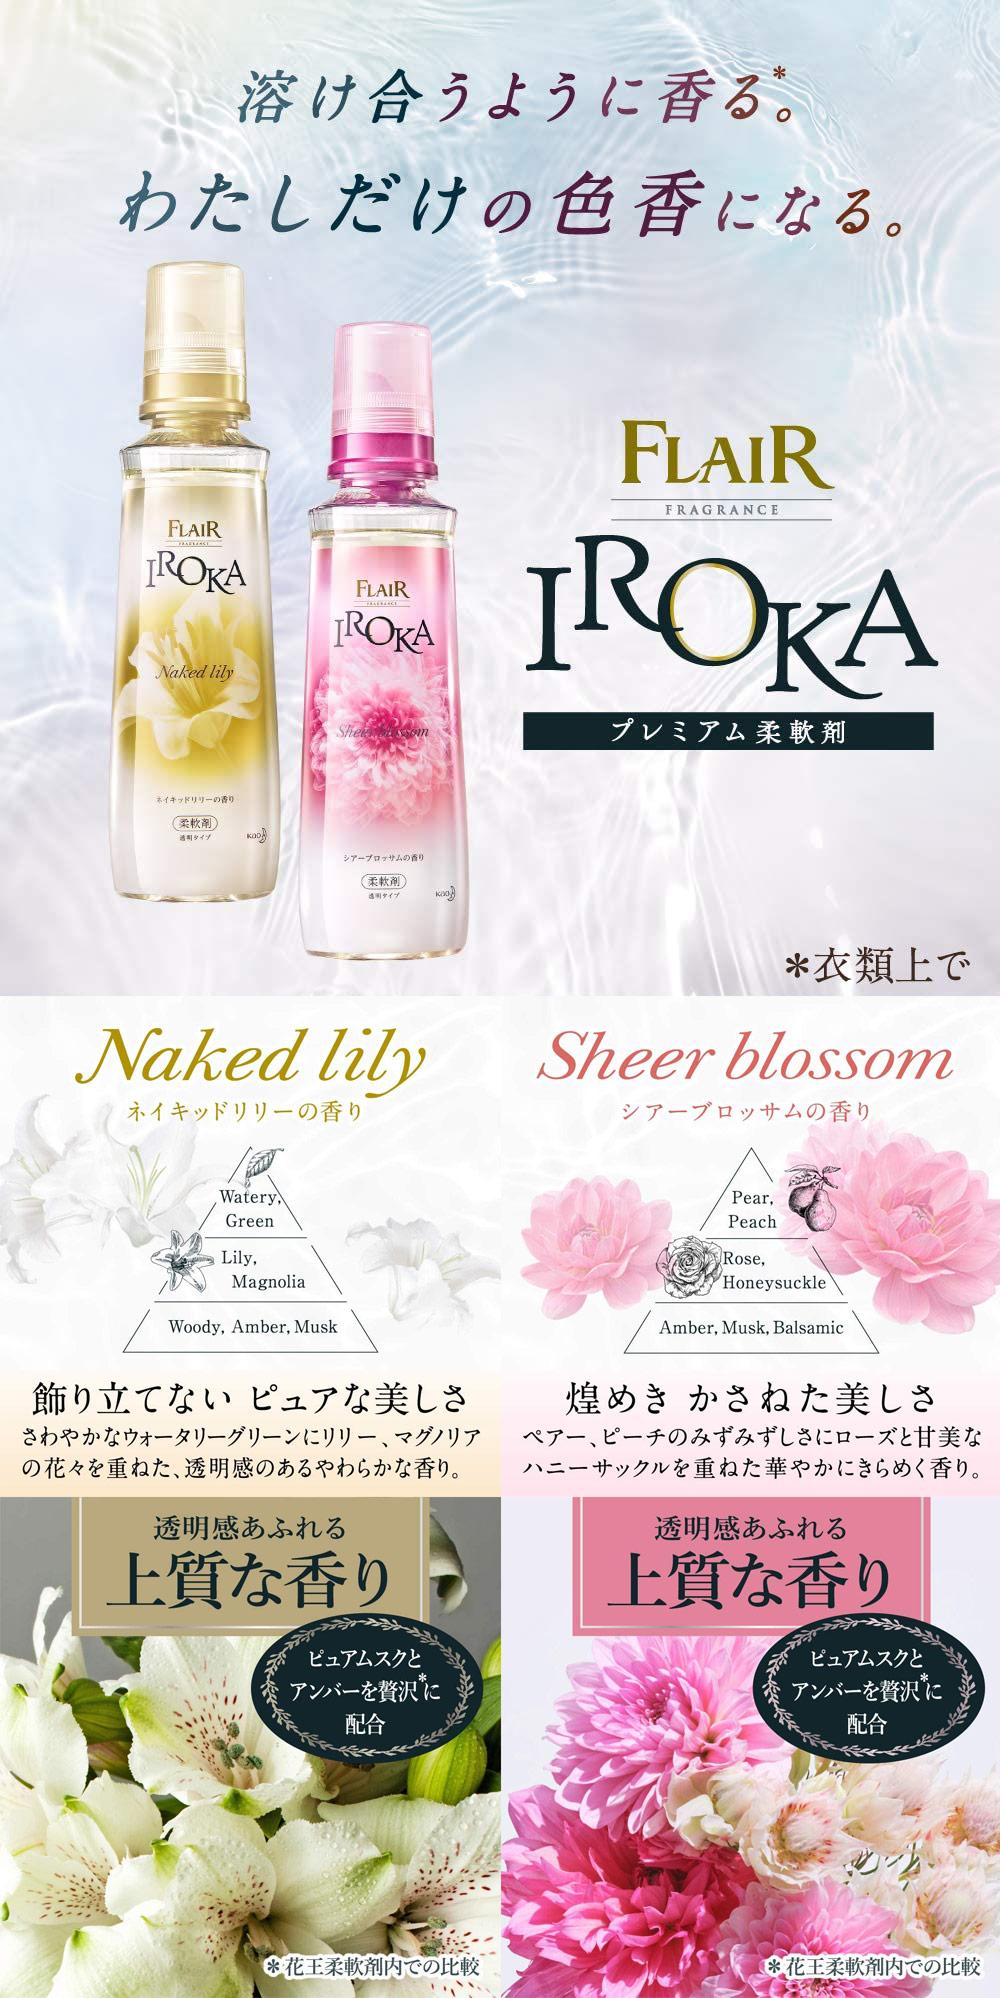 Kao Flair Fragrance IROKA